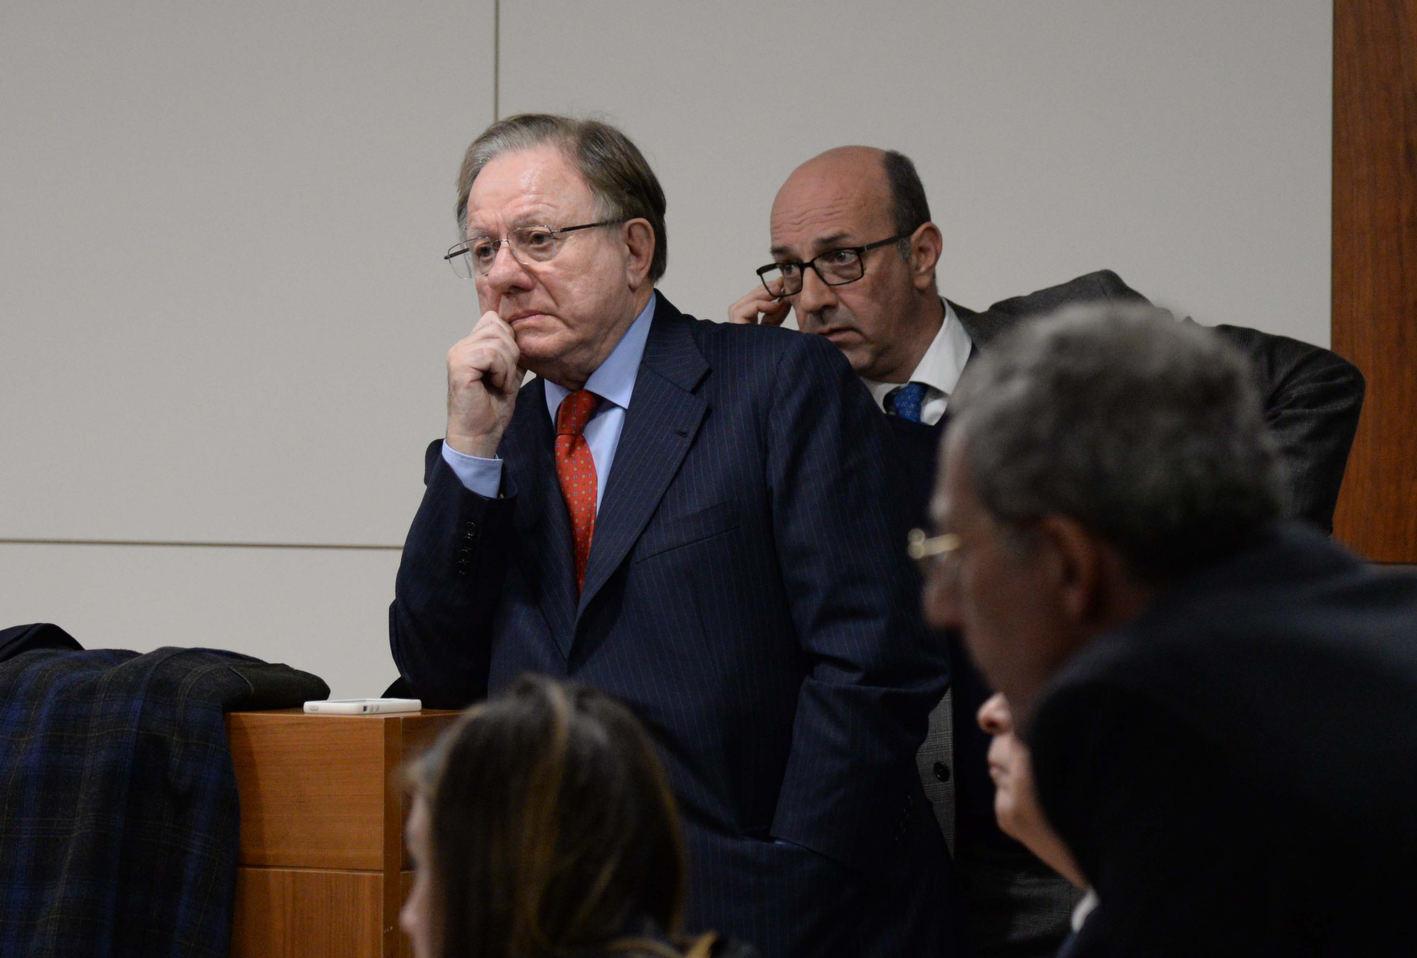 L'ex ministro Matteoli condannato per il Mose